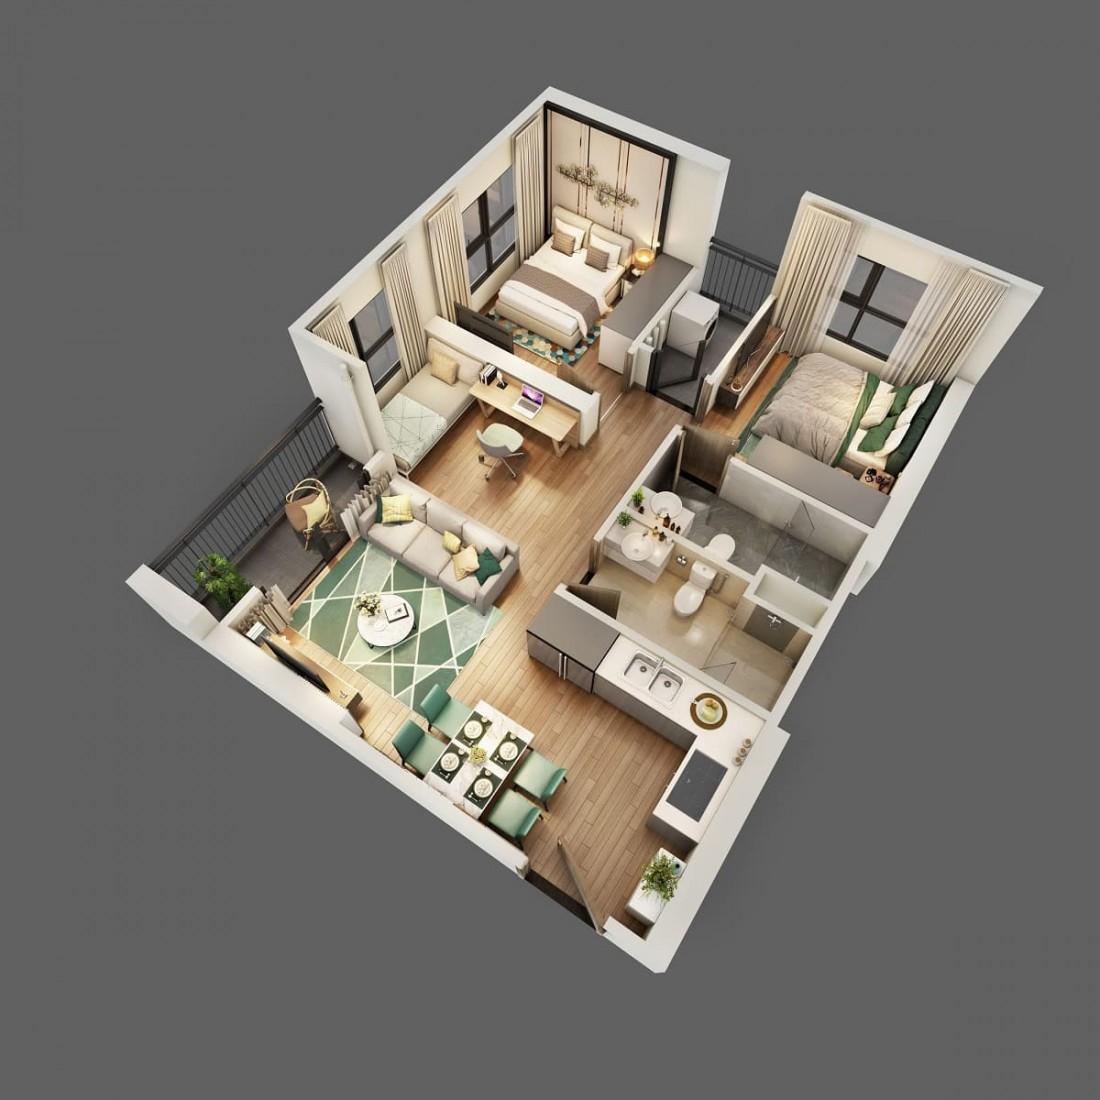 Layout thiết kế mẫu căn hộ 2 phòng ngủ + 1 khác